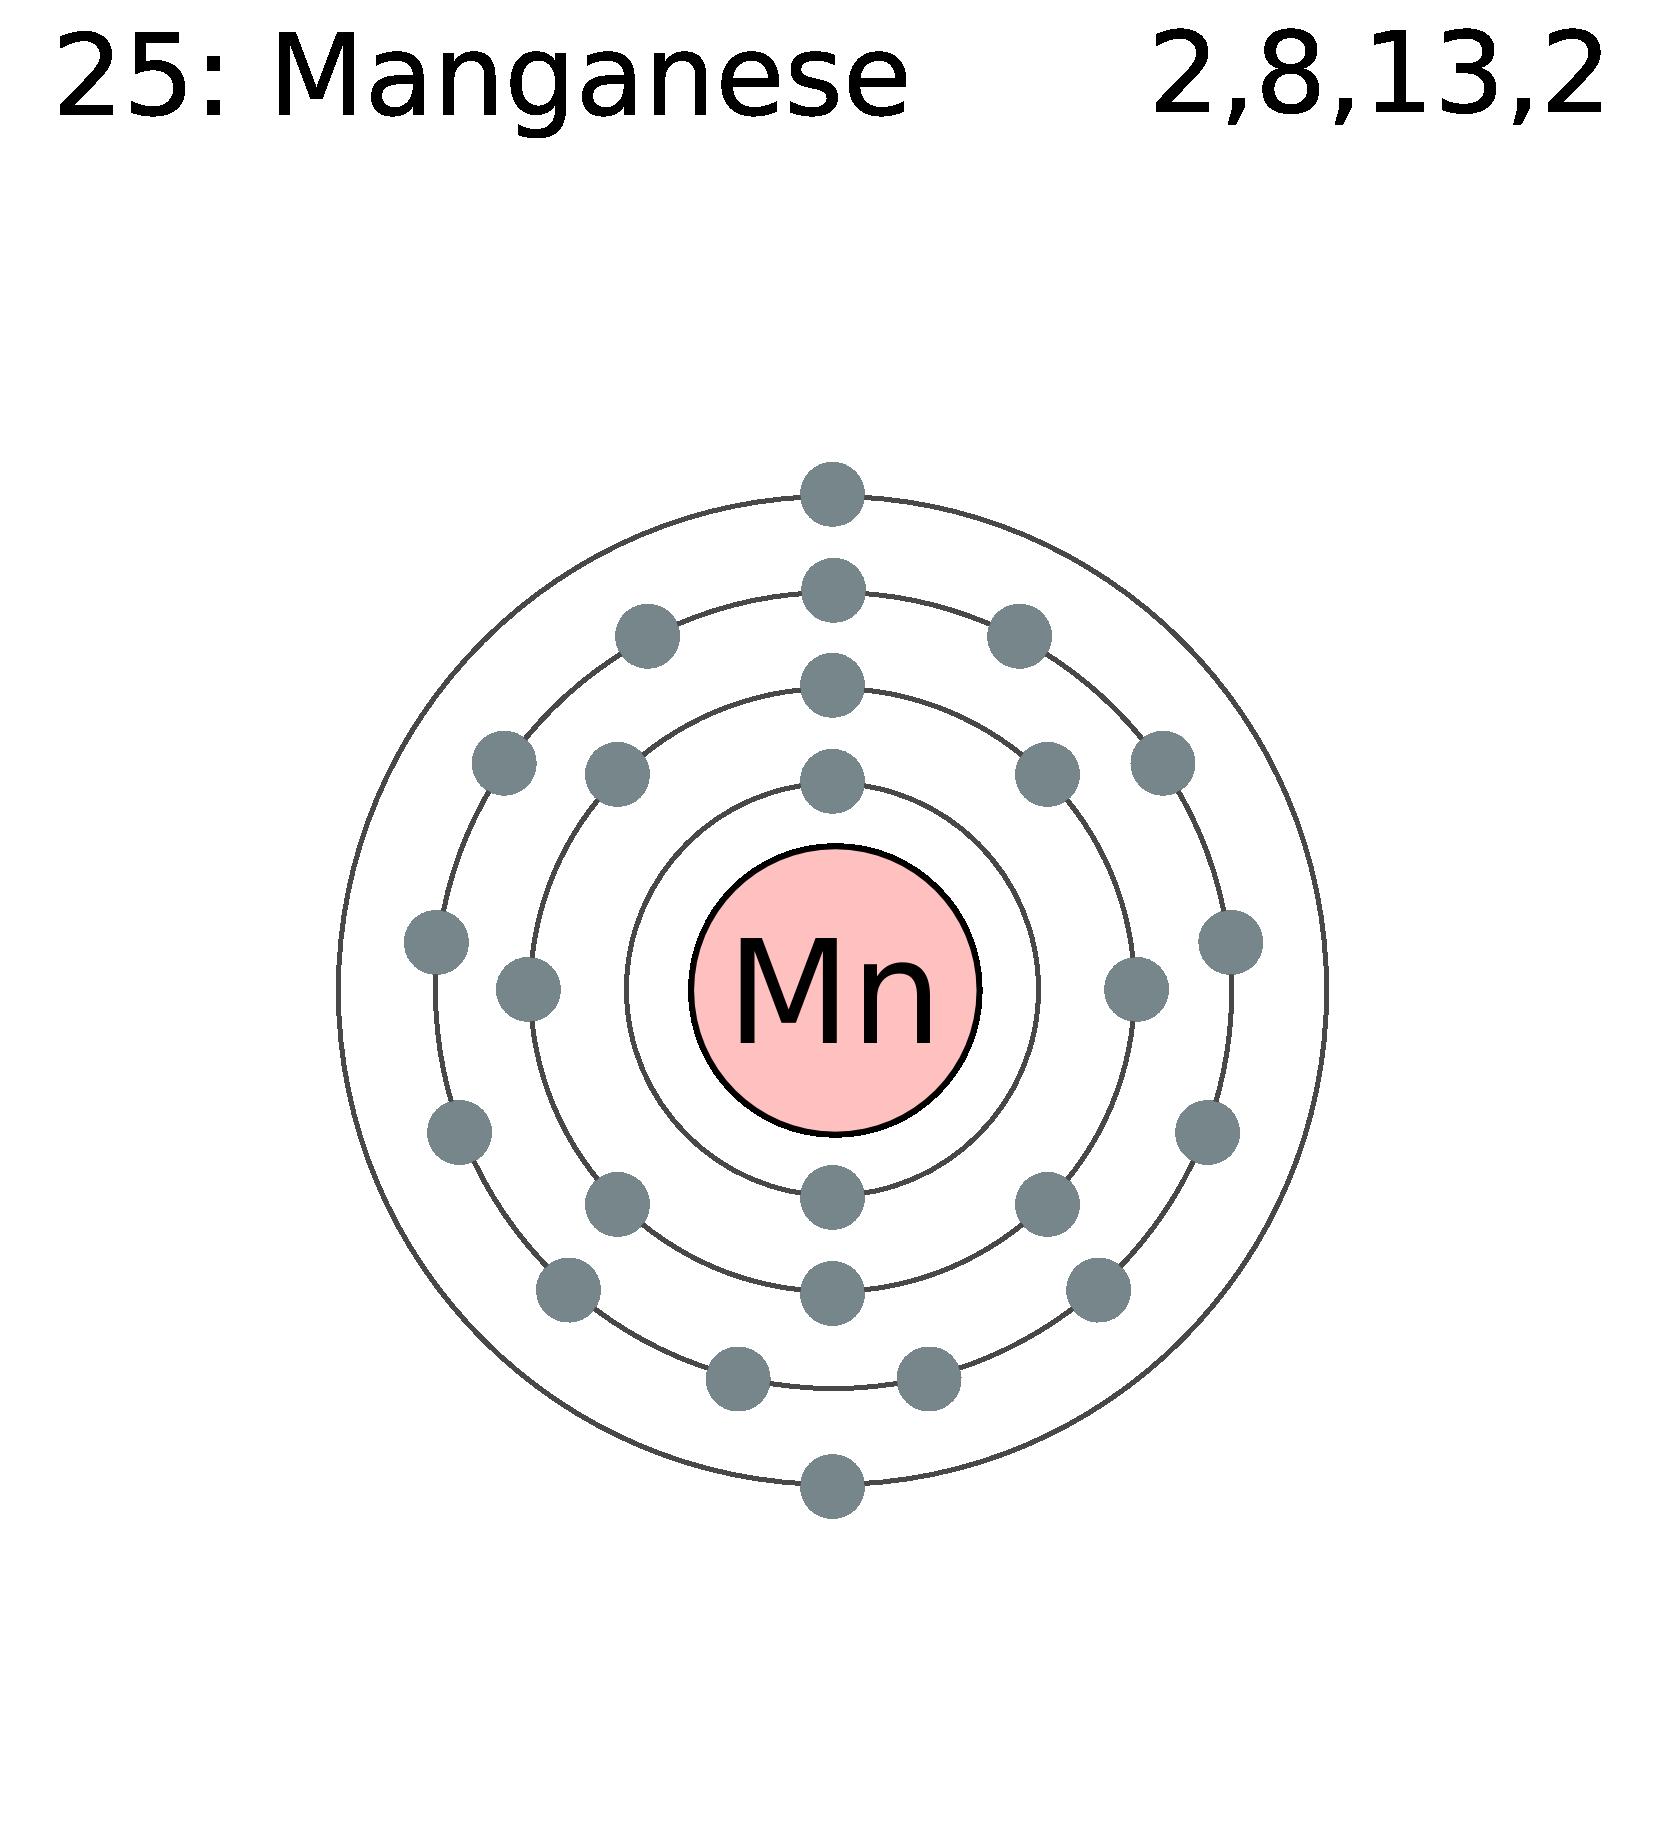 cornellchem - Manganese